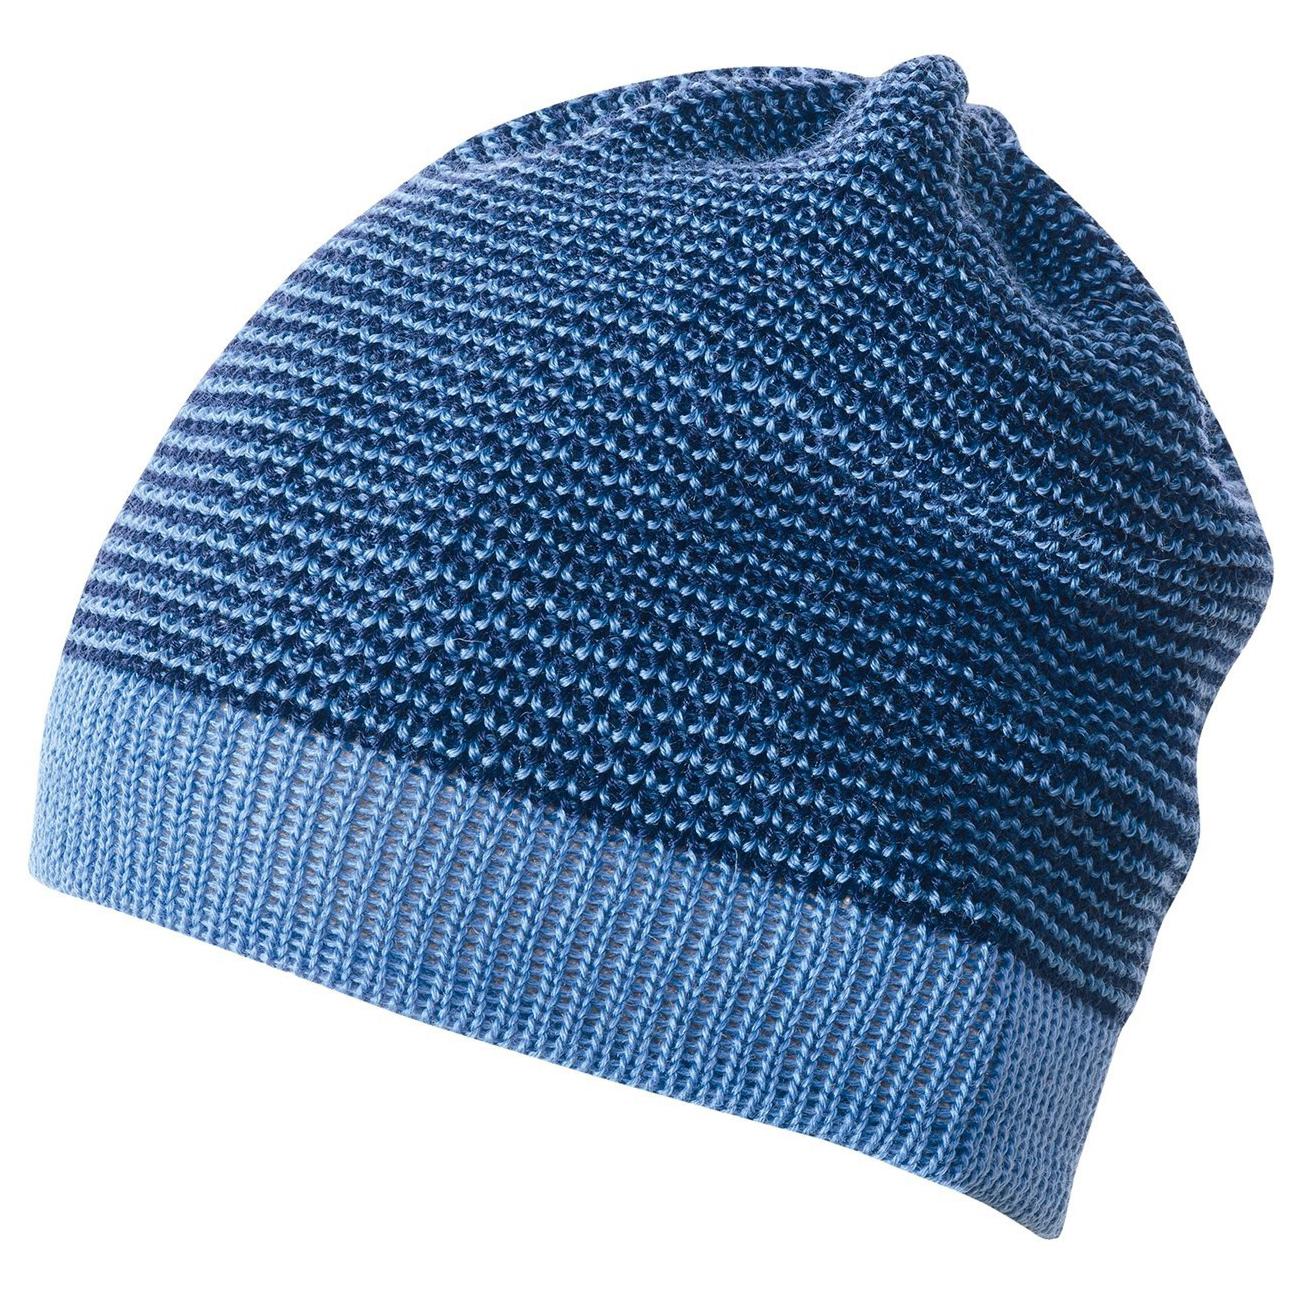 d71d4a6f0b1 DISANA Čepice merino vlna modrá melange